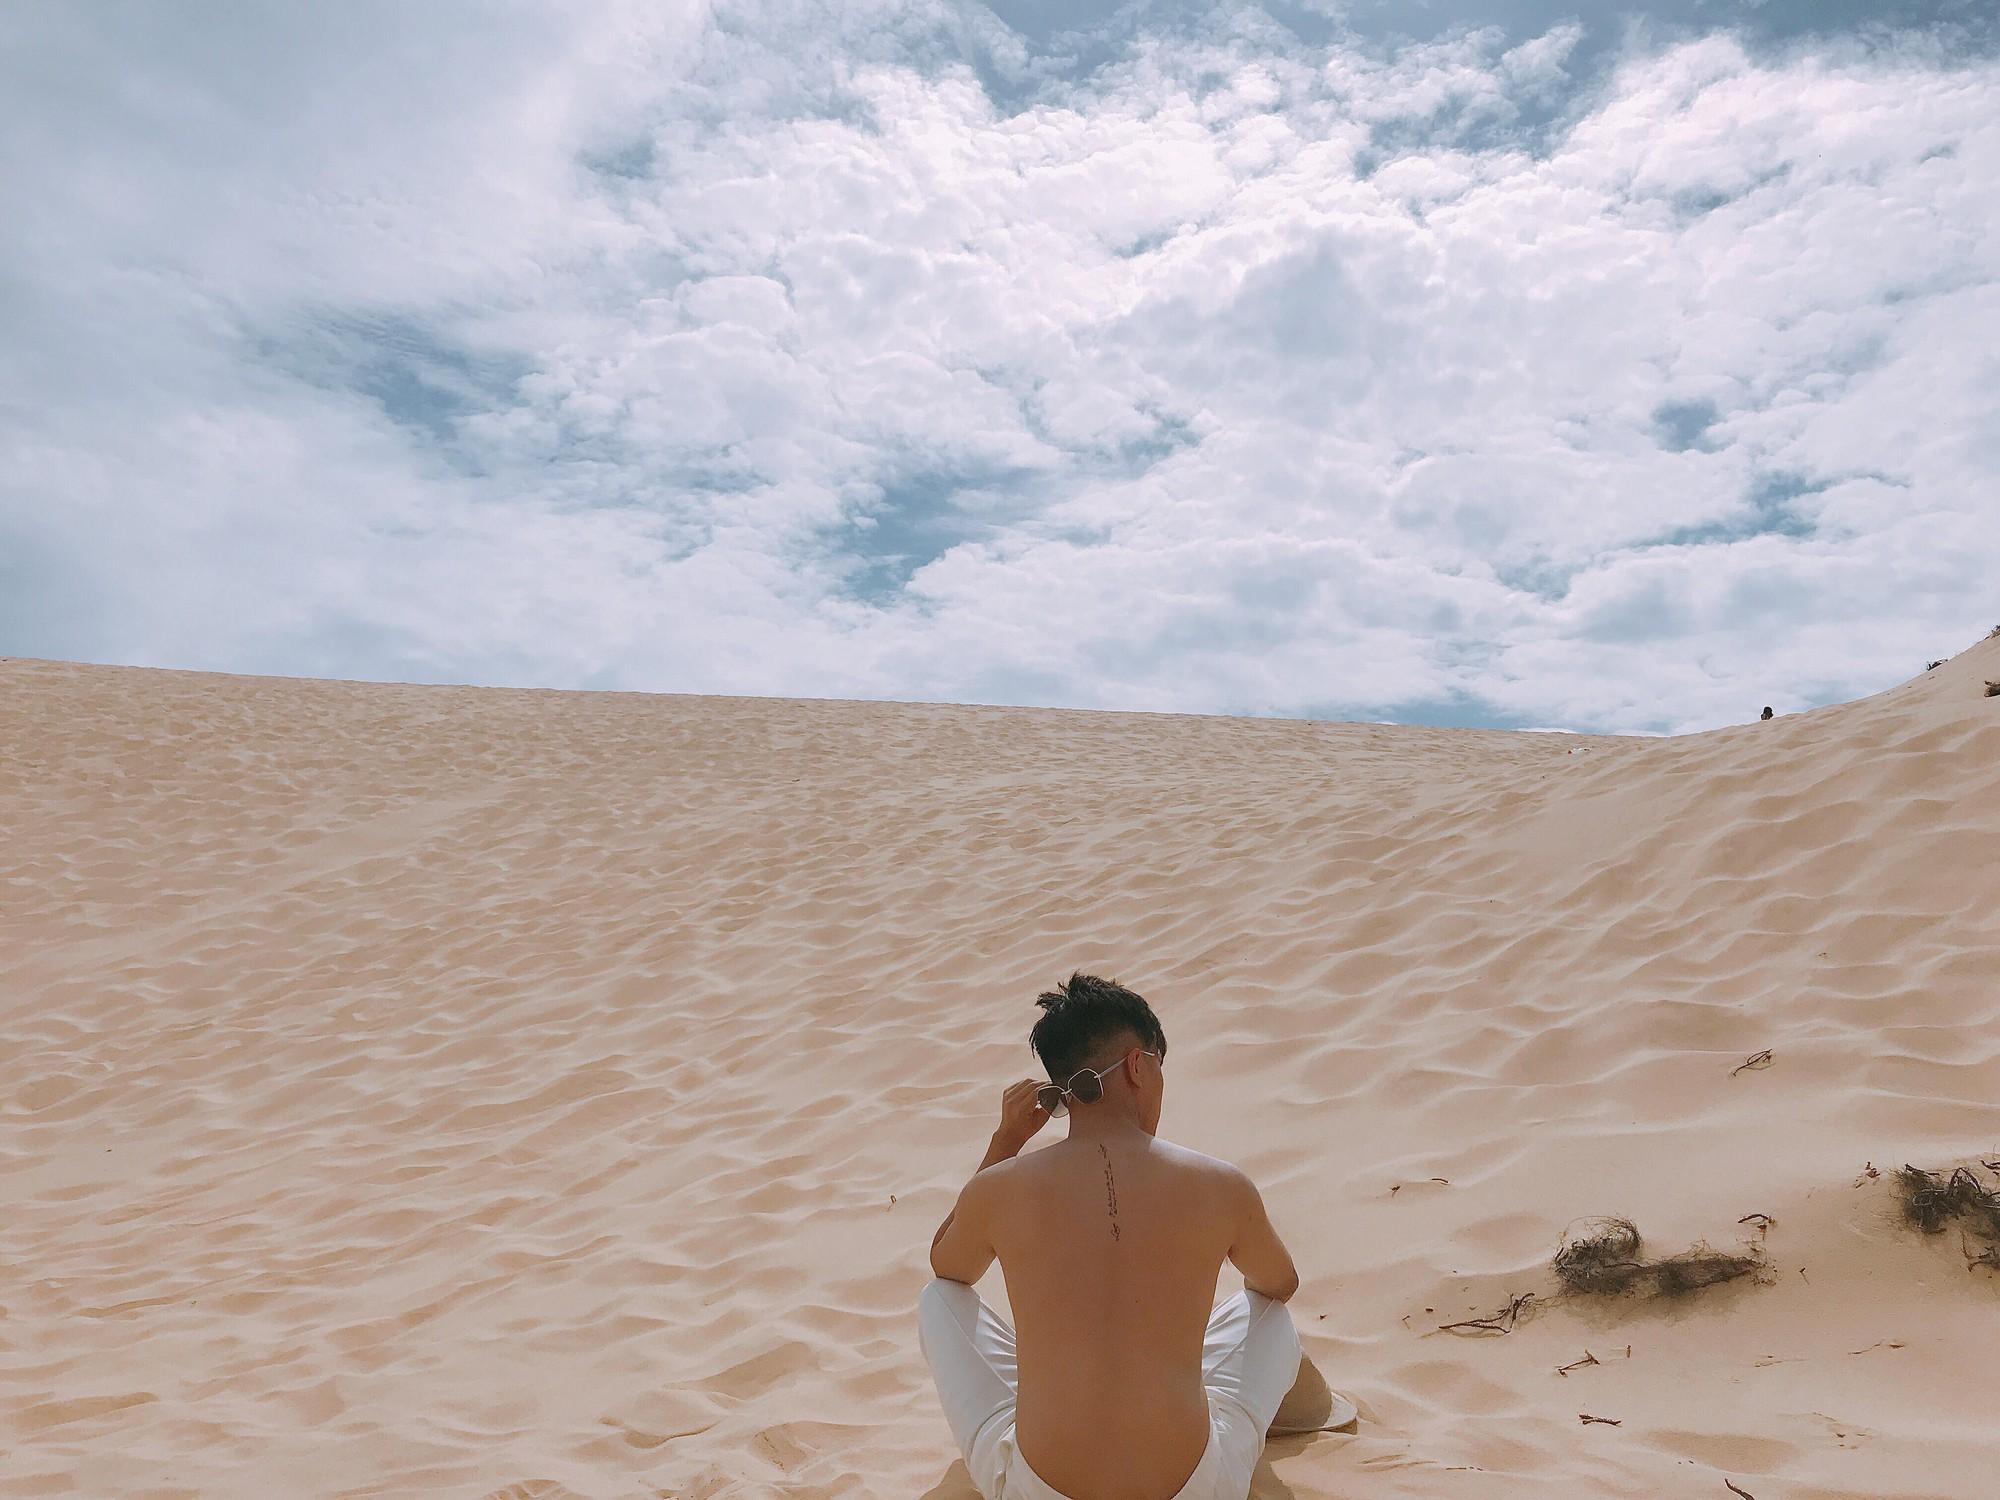 Hè rất gần rồi, chần chừ gì nữa mà không đến Quảng Bình để tâm hồn được chill hỡi các bạn trẻ ơi - Ảnh 13.